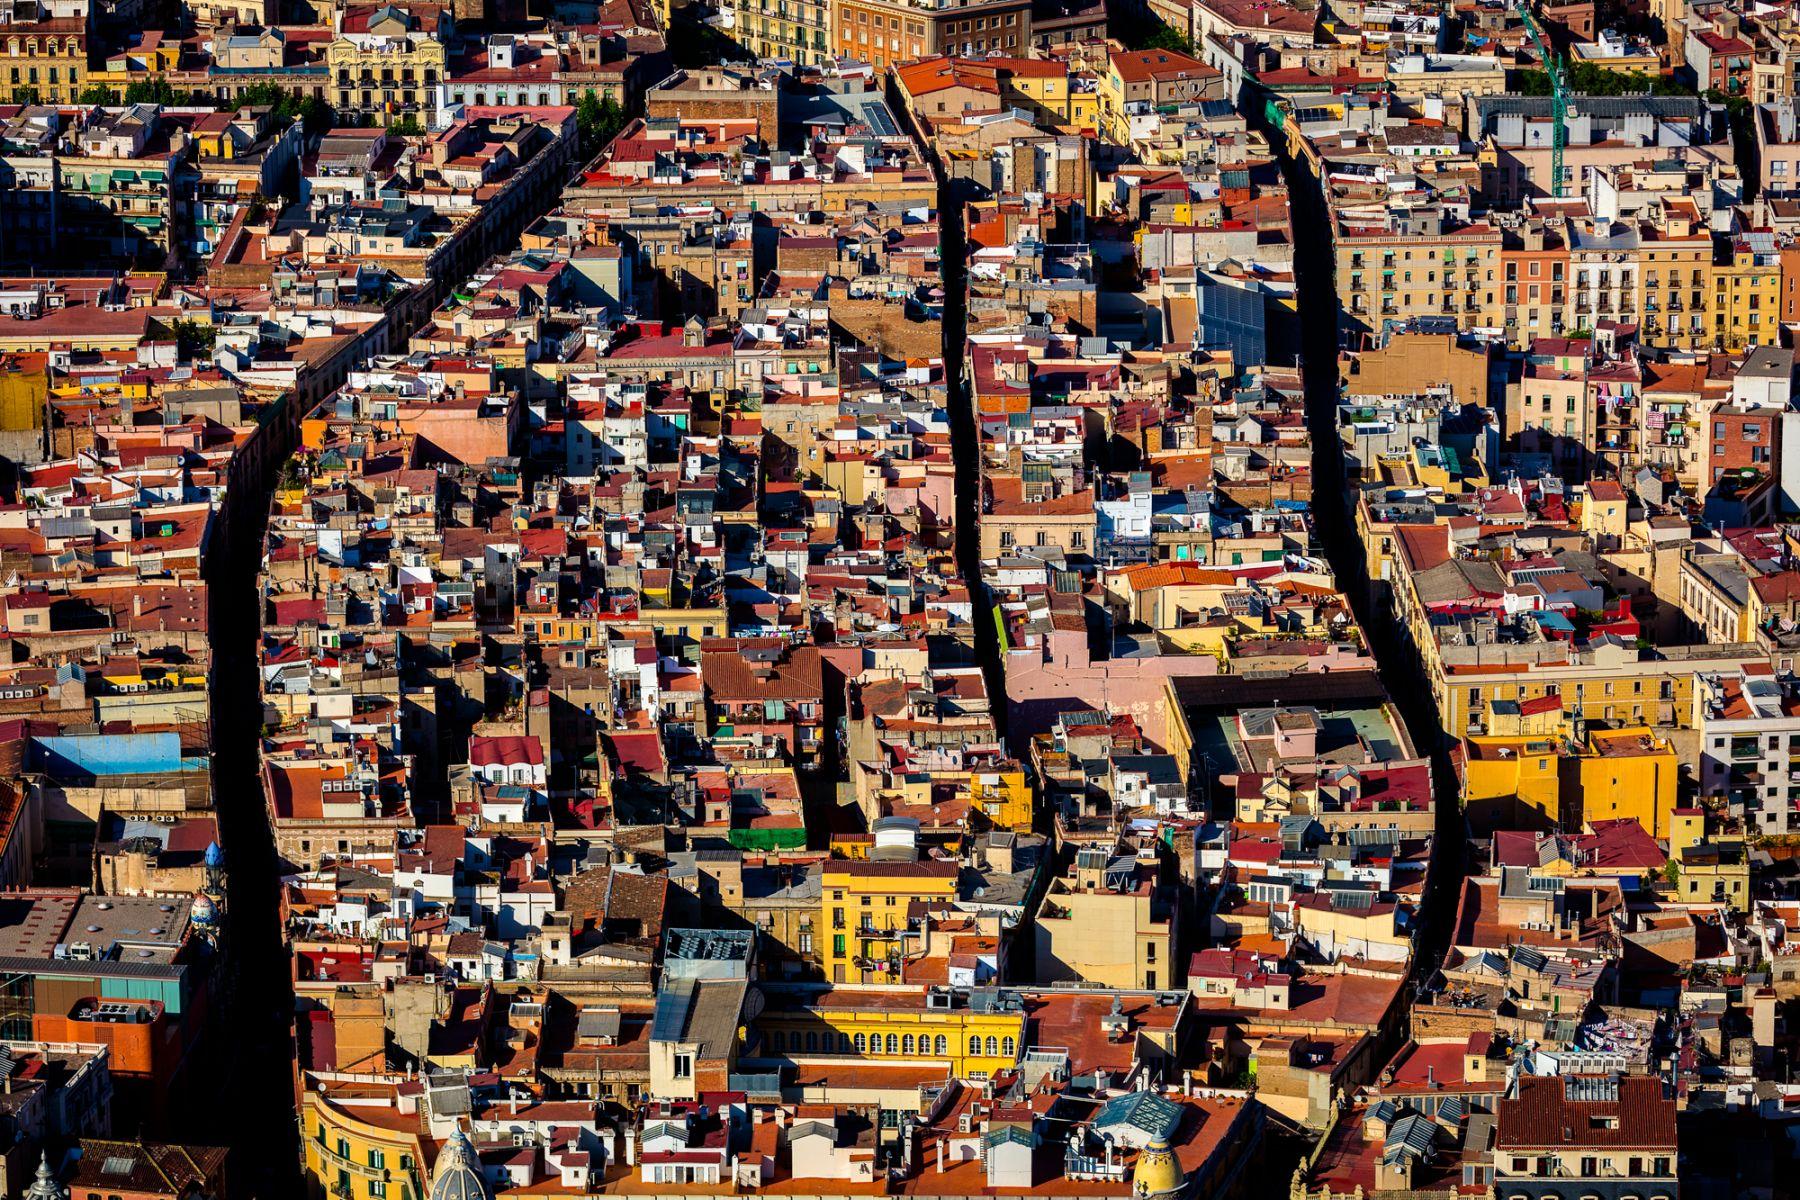 Barcelona I, May 17, 2015